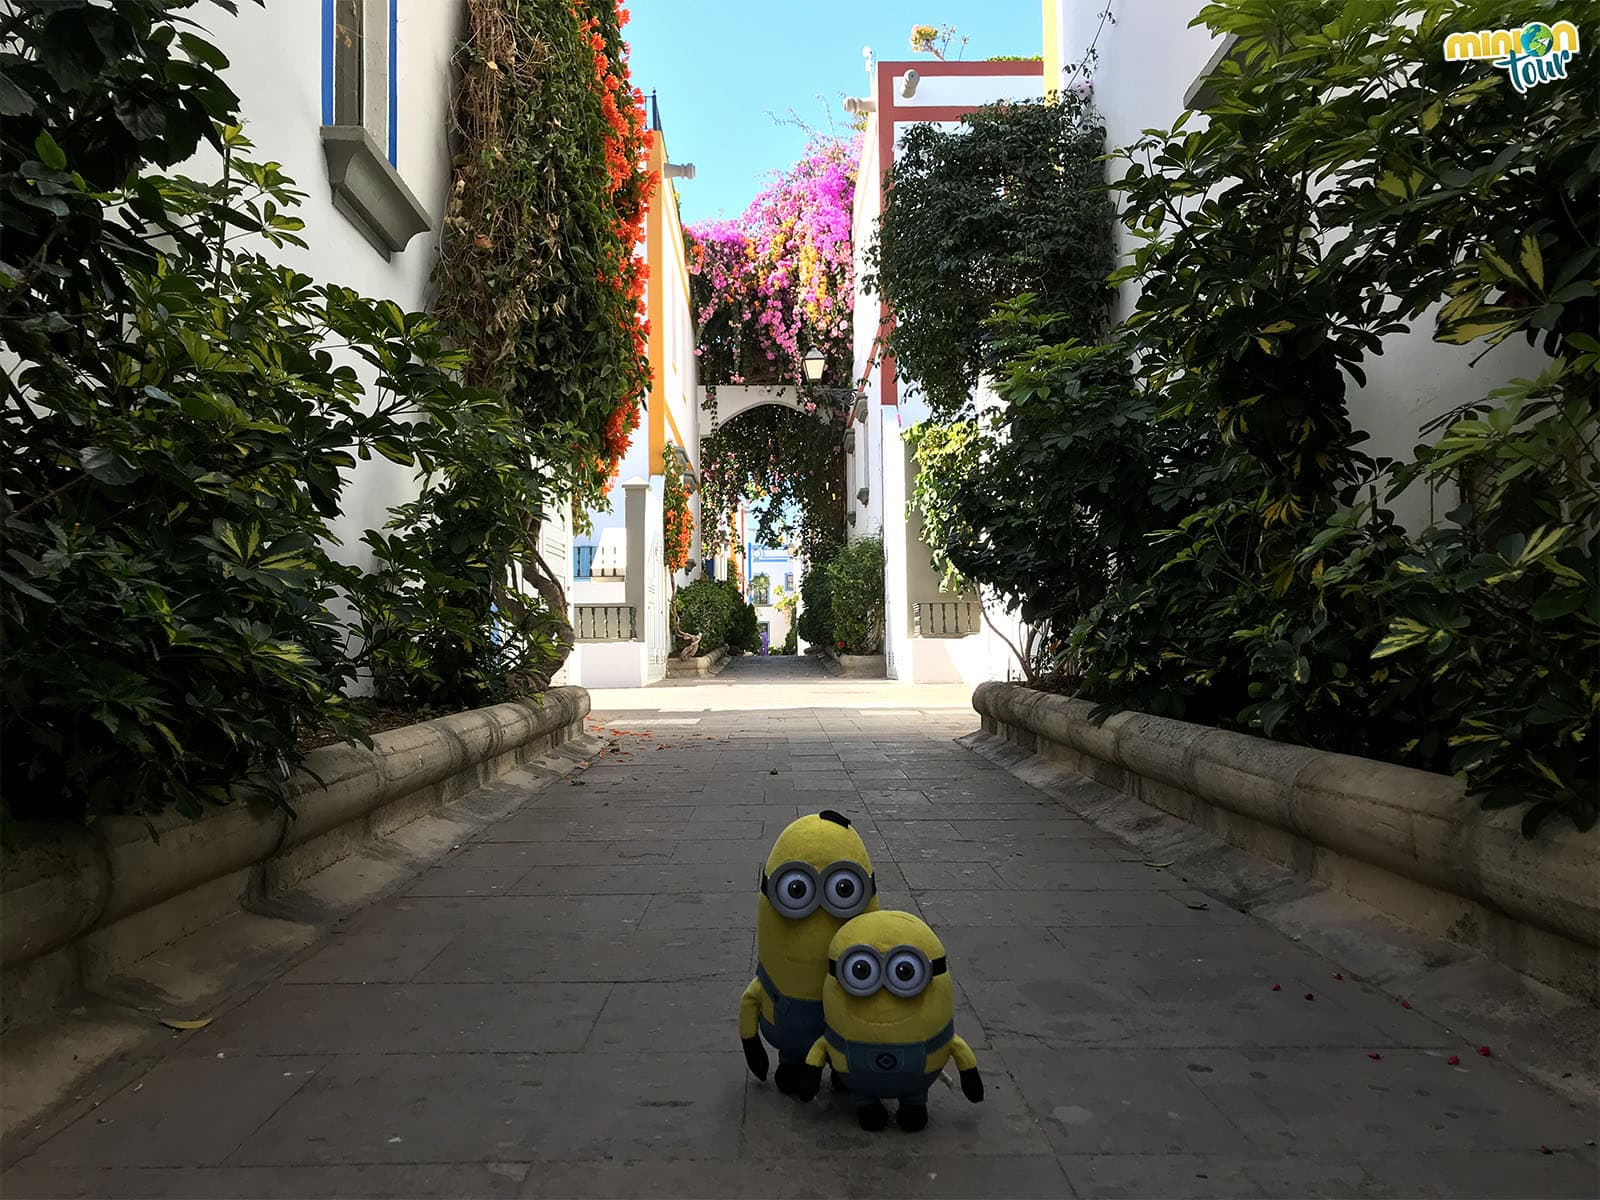 Puerto de Mogán y sus calles llenas de flores, una de las cosas que ver en Gran Canaria